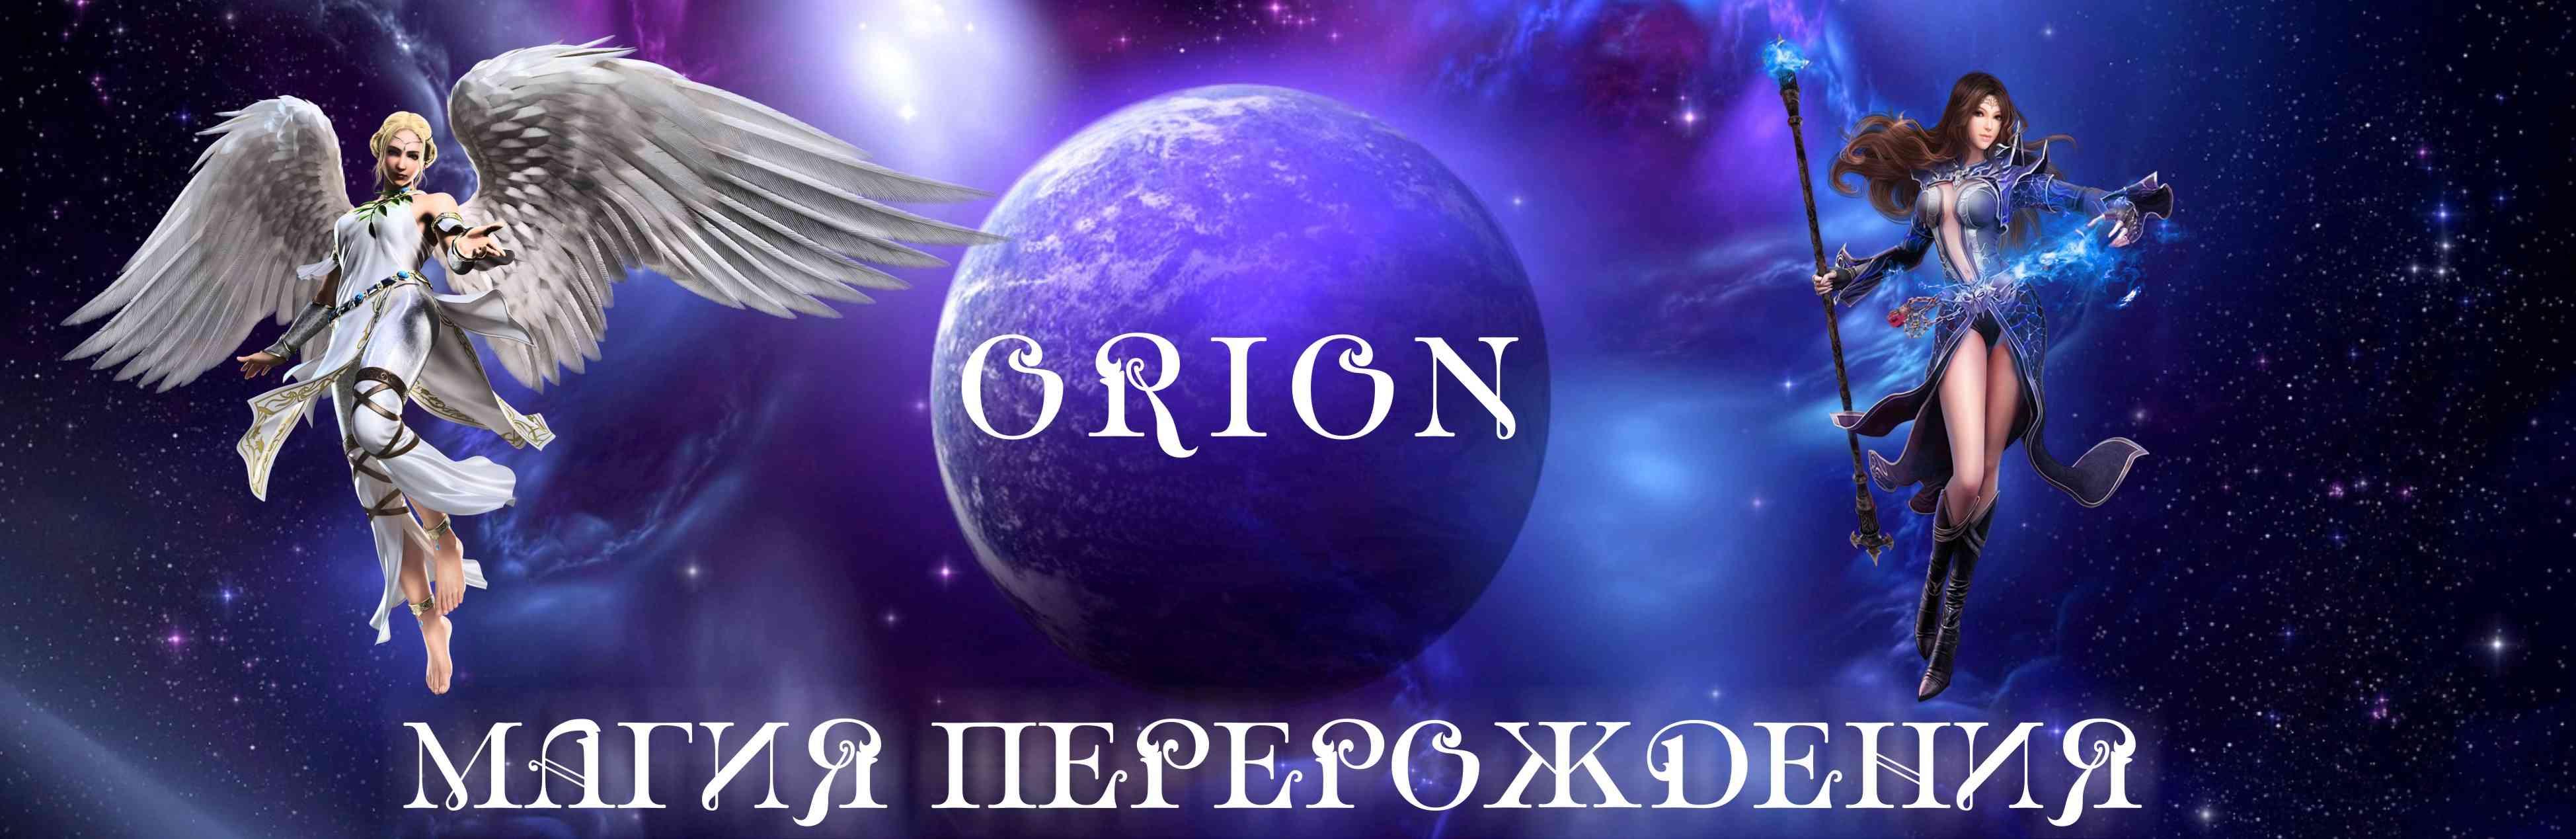 ОРИОН. МАГИЯ ПРОЦВЕТАНИЯ